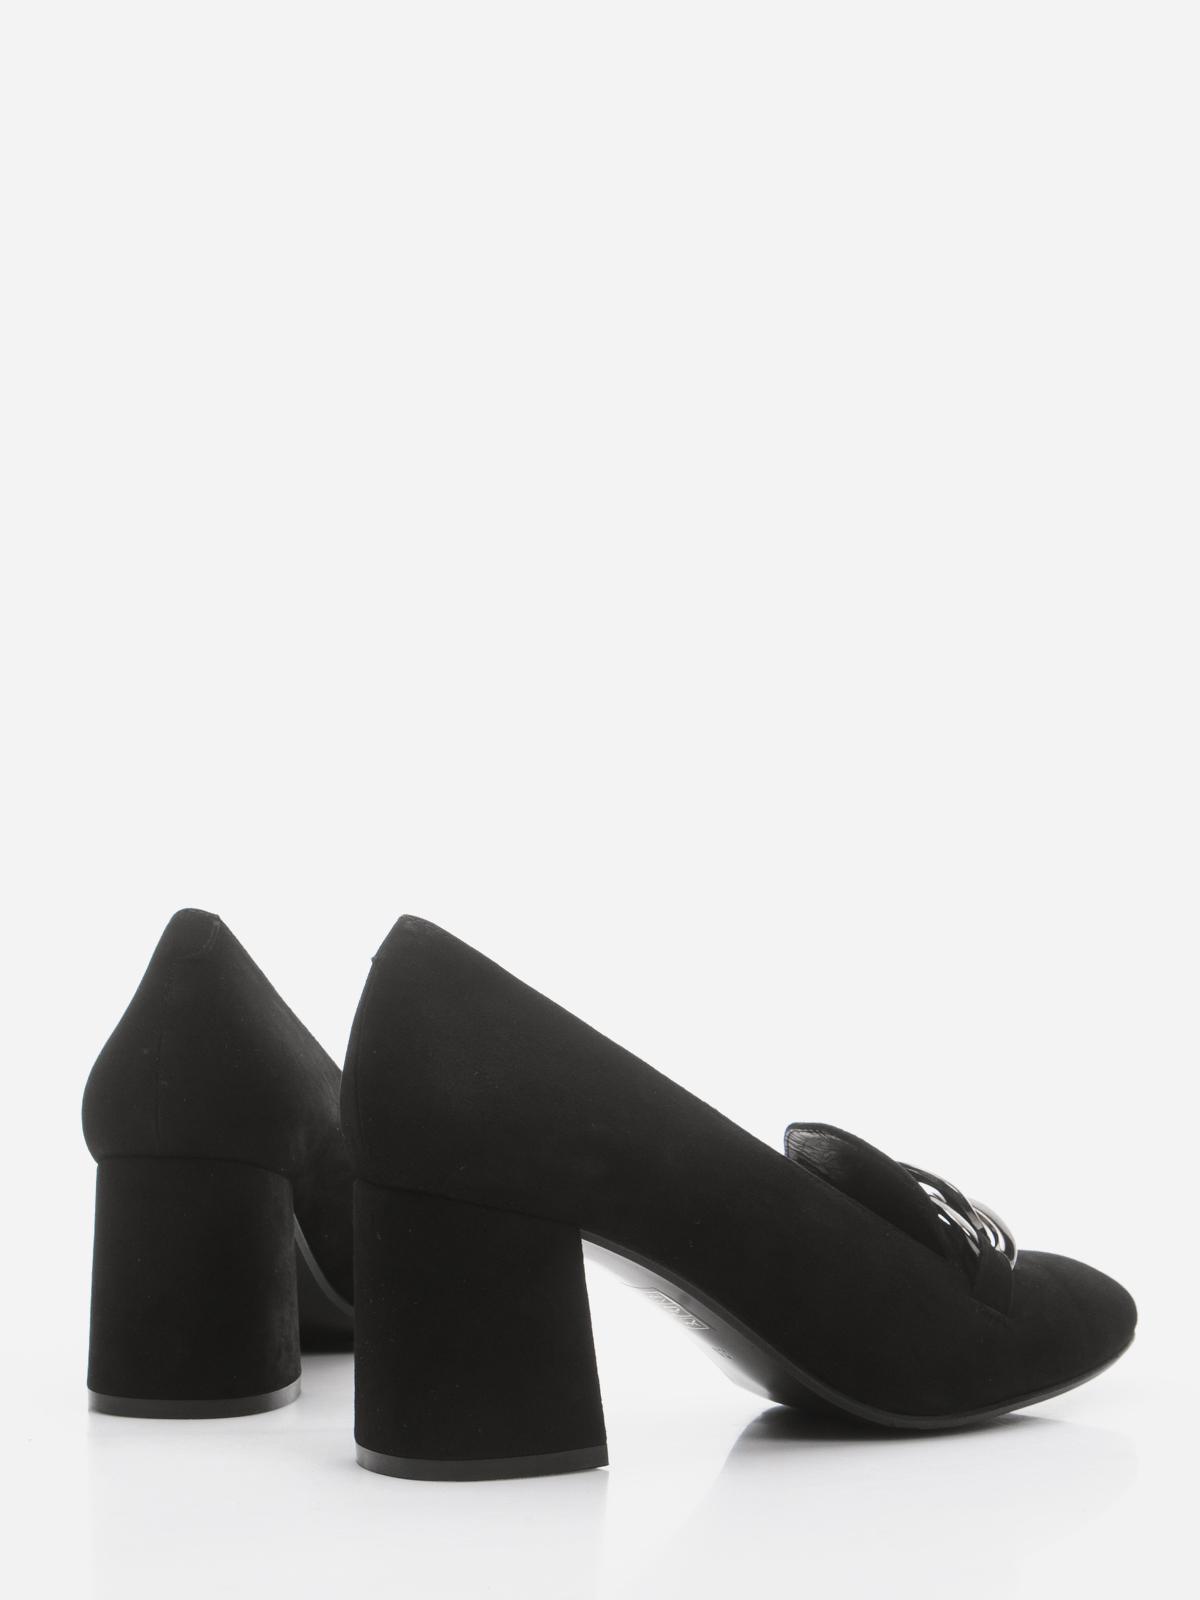 0e61399edf1 Sieviešu augstpapēžu apavi billi bi   Newmood